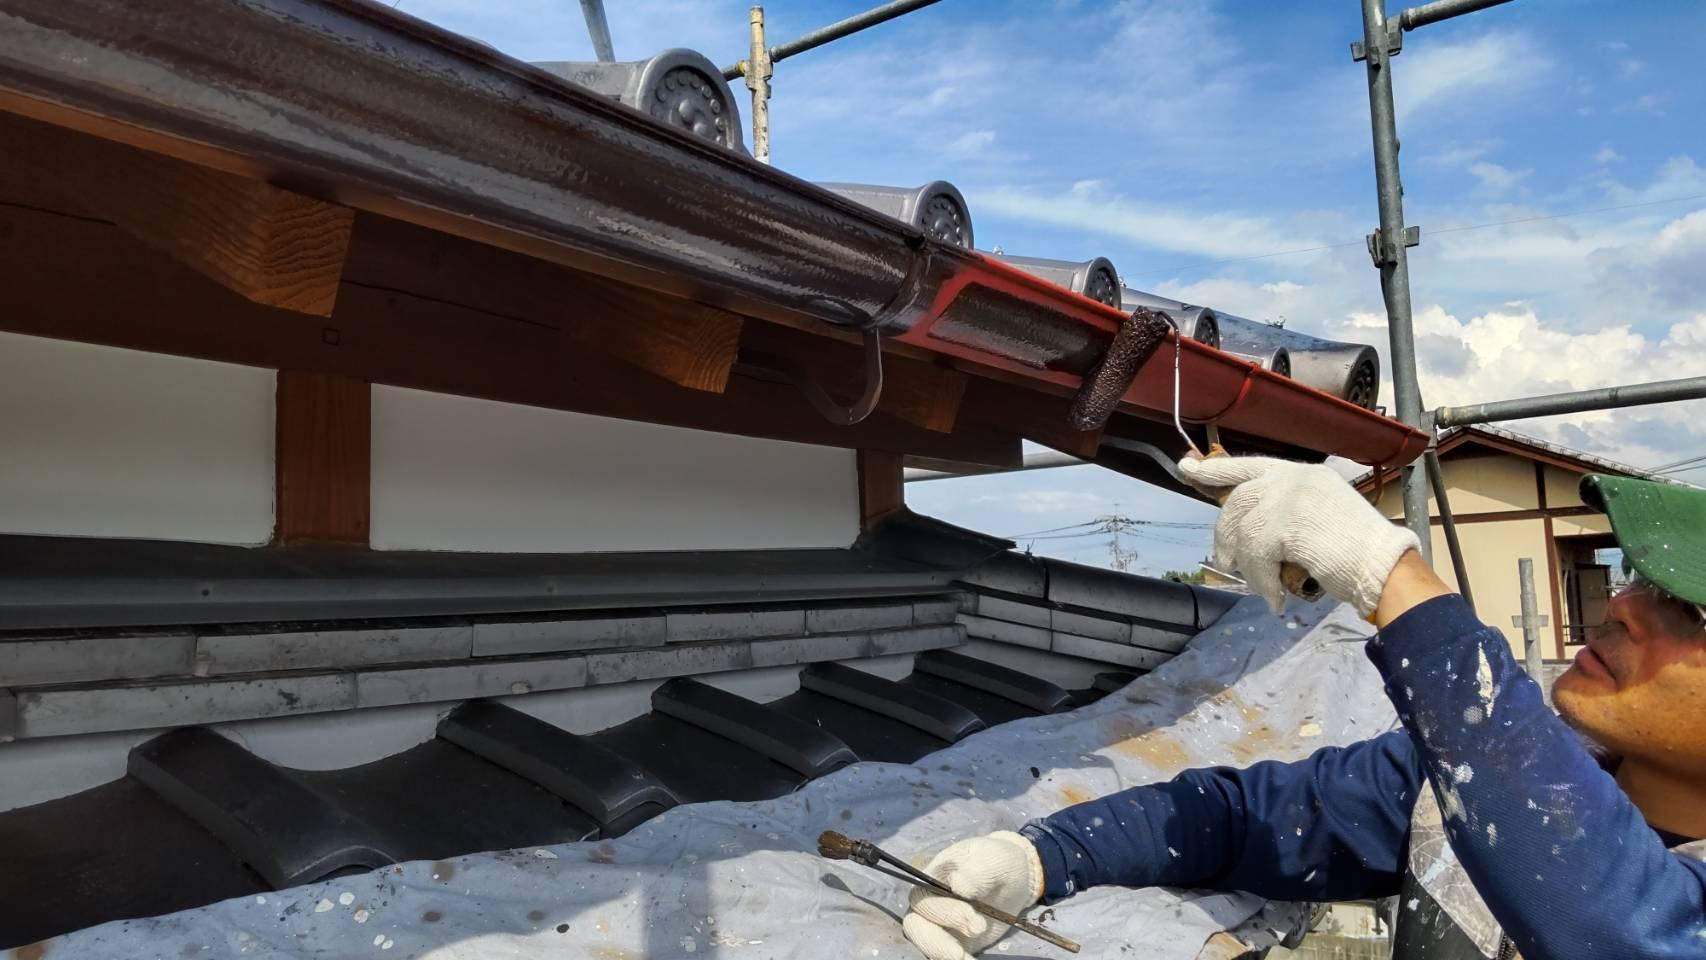 佐賀市 塗るばい サニケン さにけん 外壁塗装 屋根塗装 塗装佐賀市 塗るばい サニケン さにけん 外壁塗装 屋根塗装 塗装